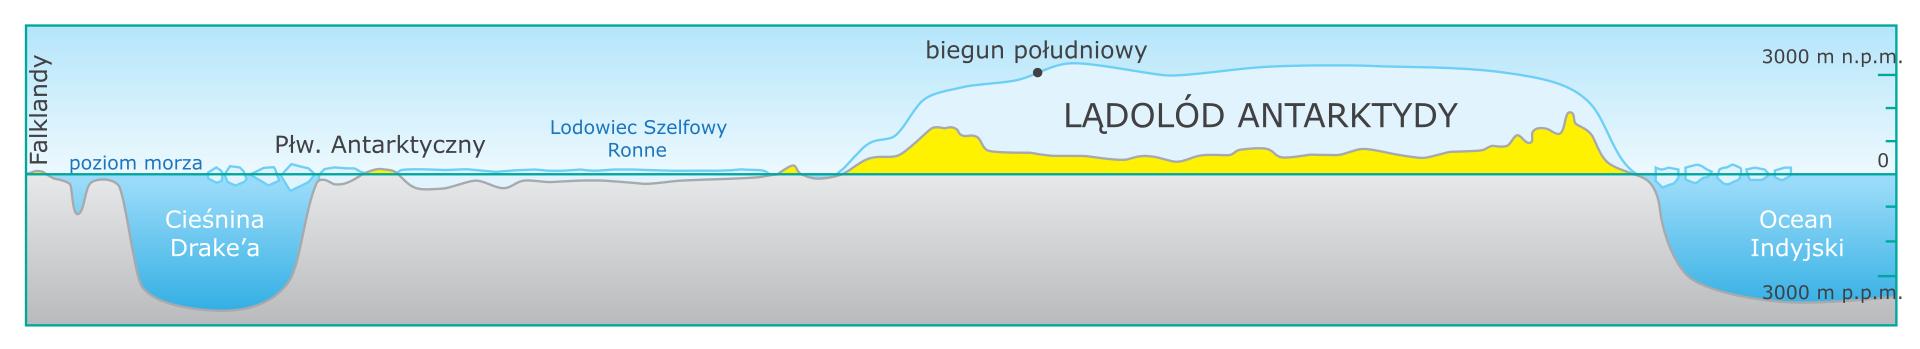 Na ilustracji przekrój przez Antarktydę. Zlewej strony wody Cieśniny Drake'a, dalej lodowiec szelfowy, następnie lądolód Antarktydy. Zprawej strony Ocean Indyjski.